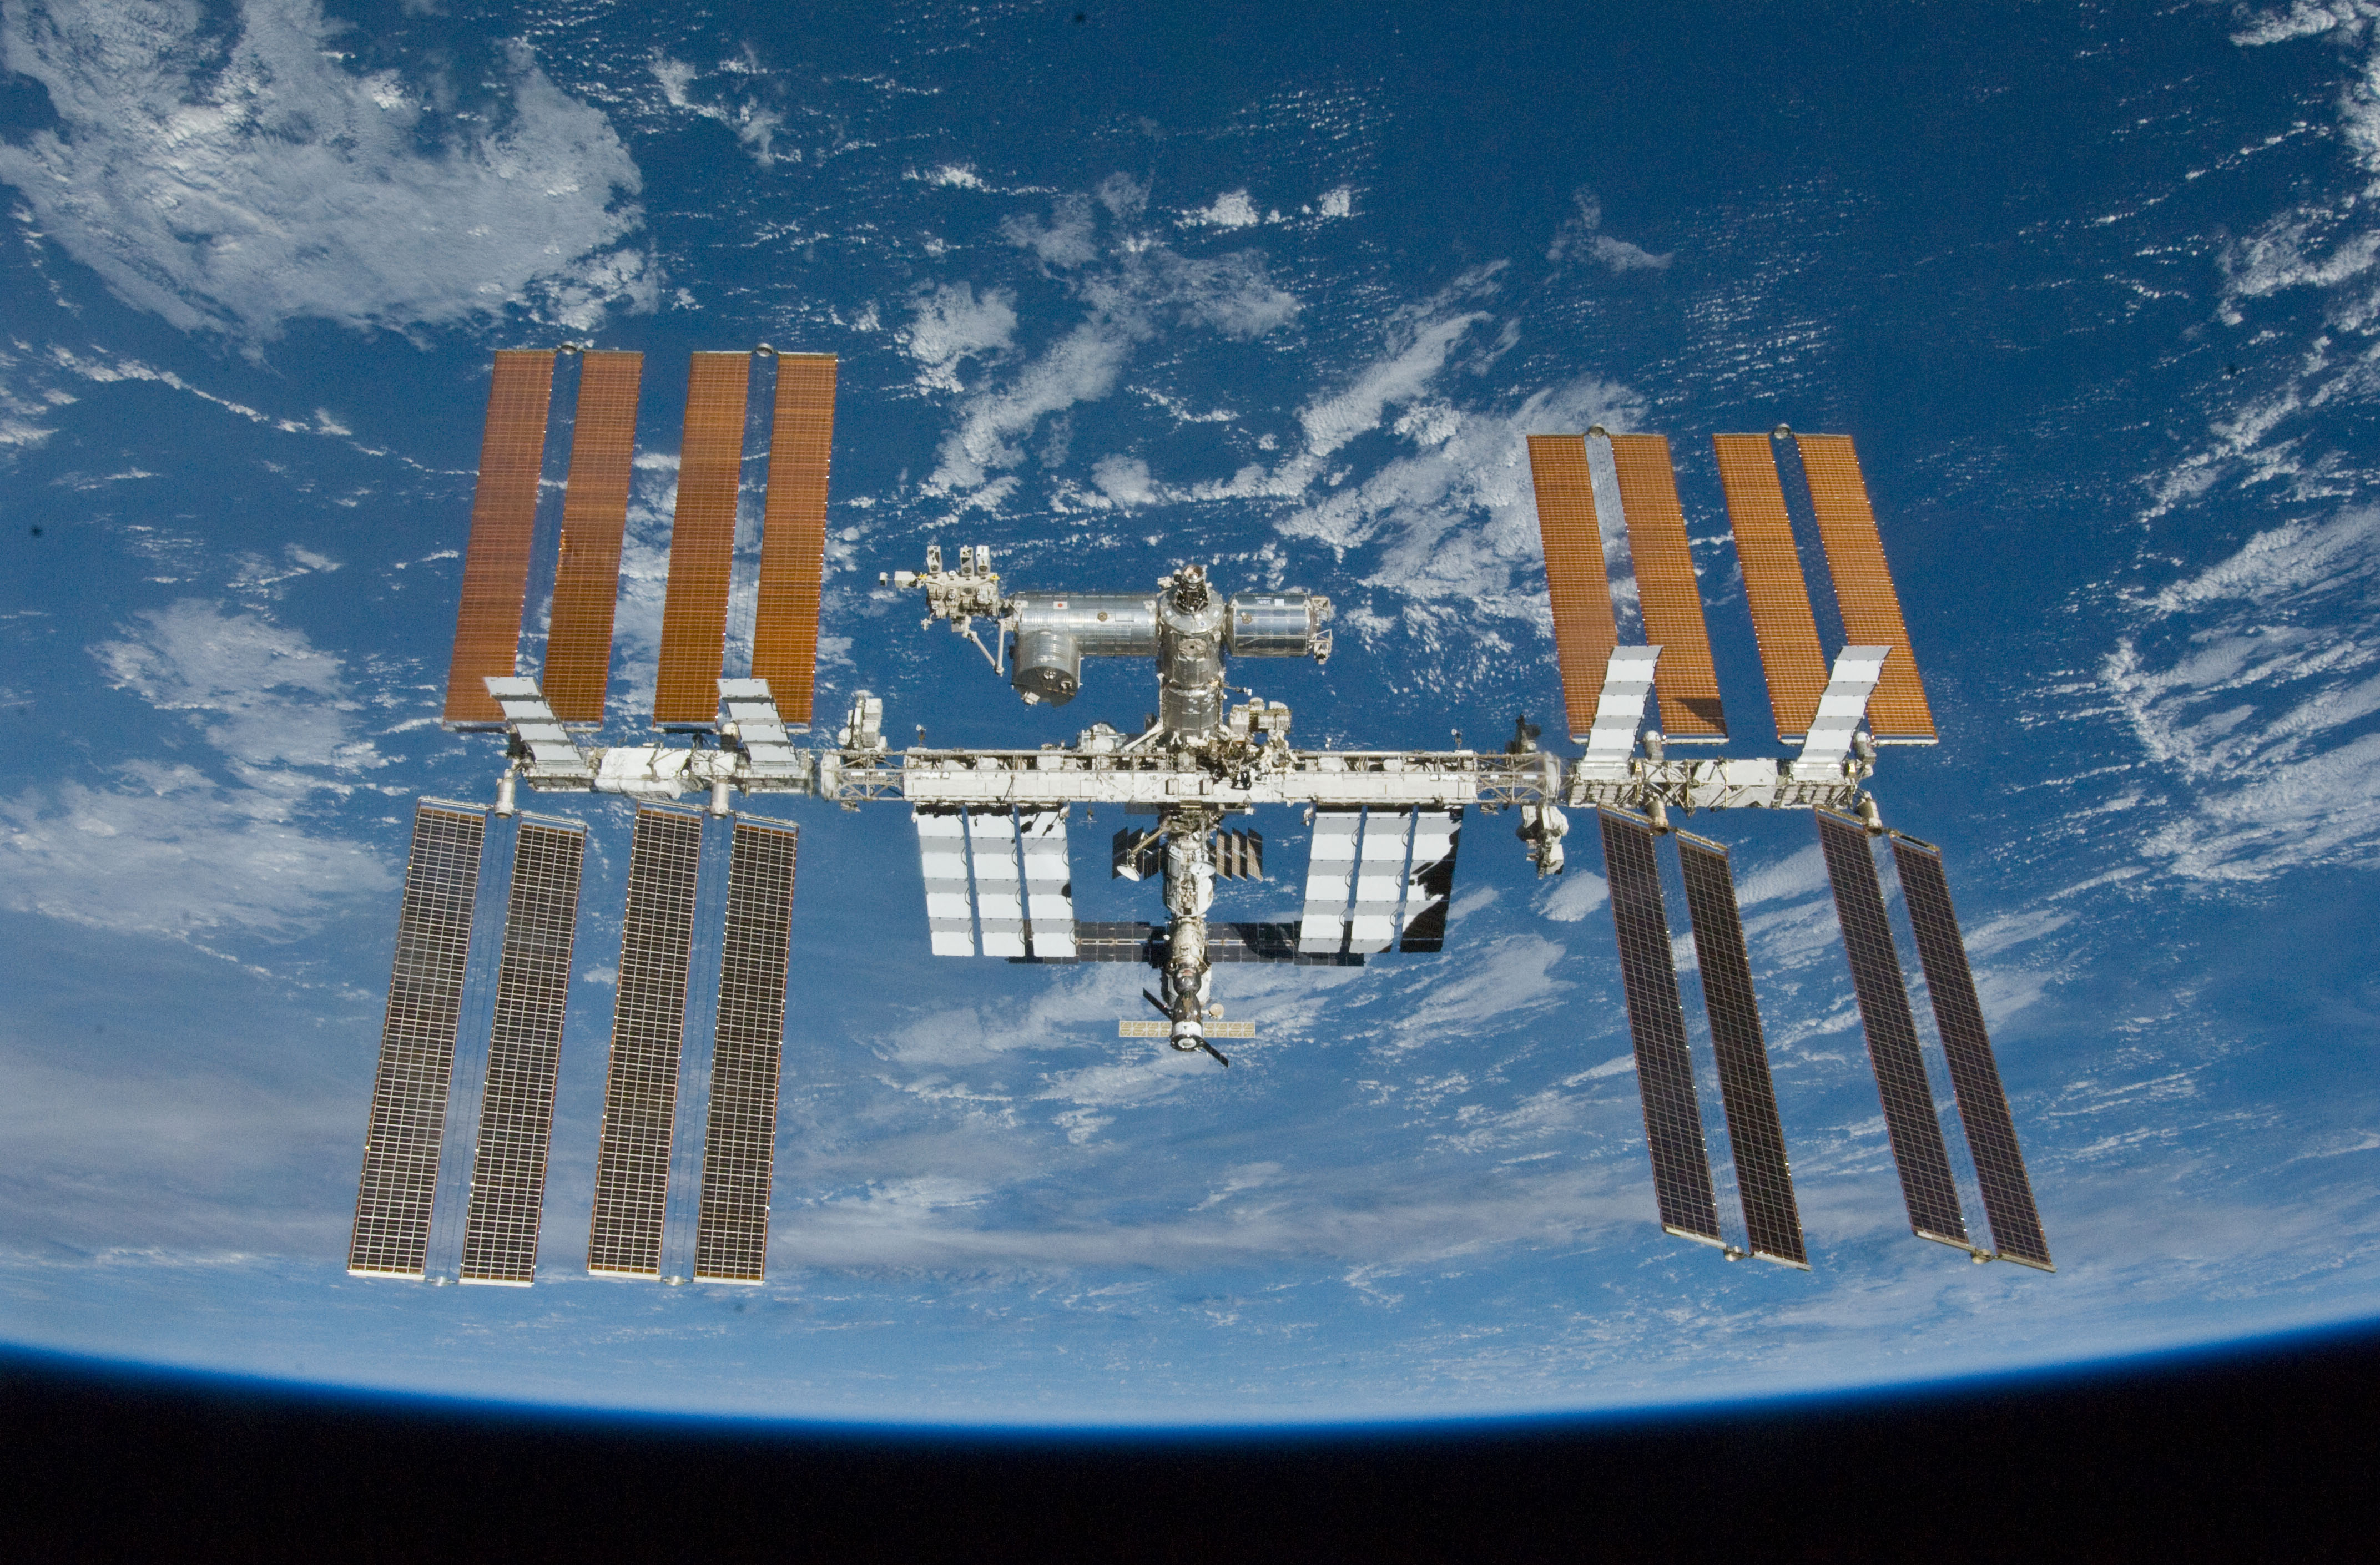 LA NASA HABLA CON EMPRESAS PRIVADAS PARA HACERSE CARGO DE LA ESTACIÓN ESPACIAL INTERNACIONAL